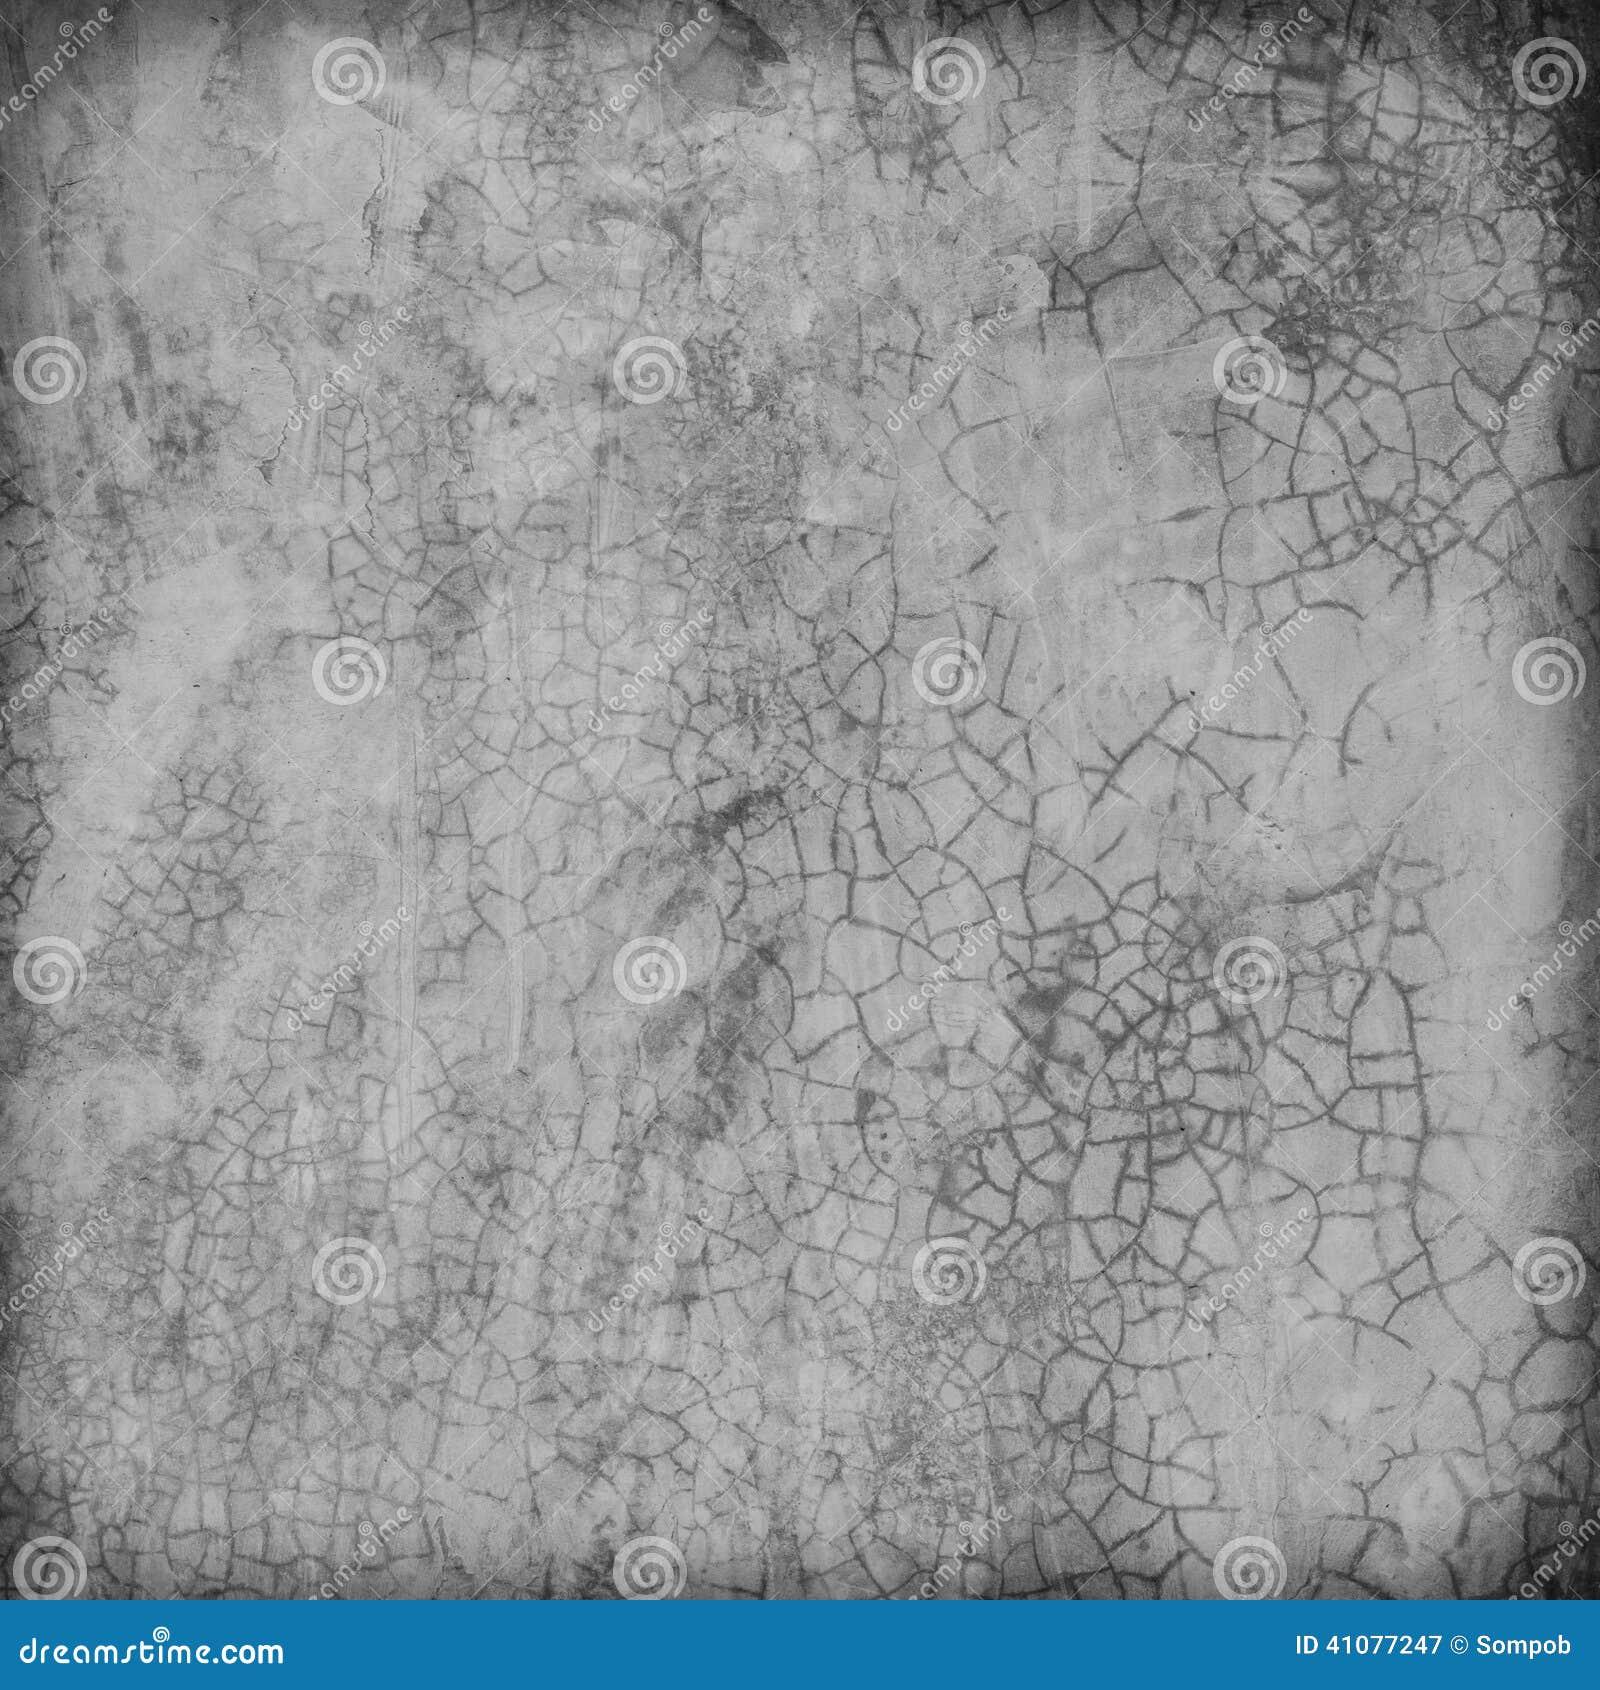 ms imgenes similares de muro de cemento pulido gris with pulir cemento